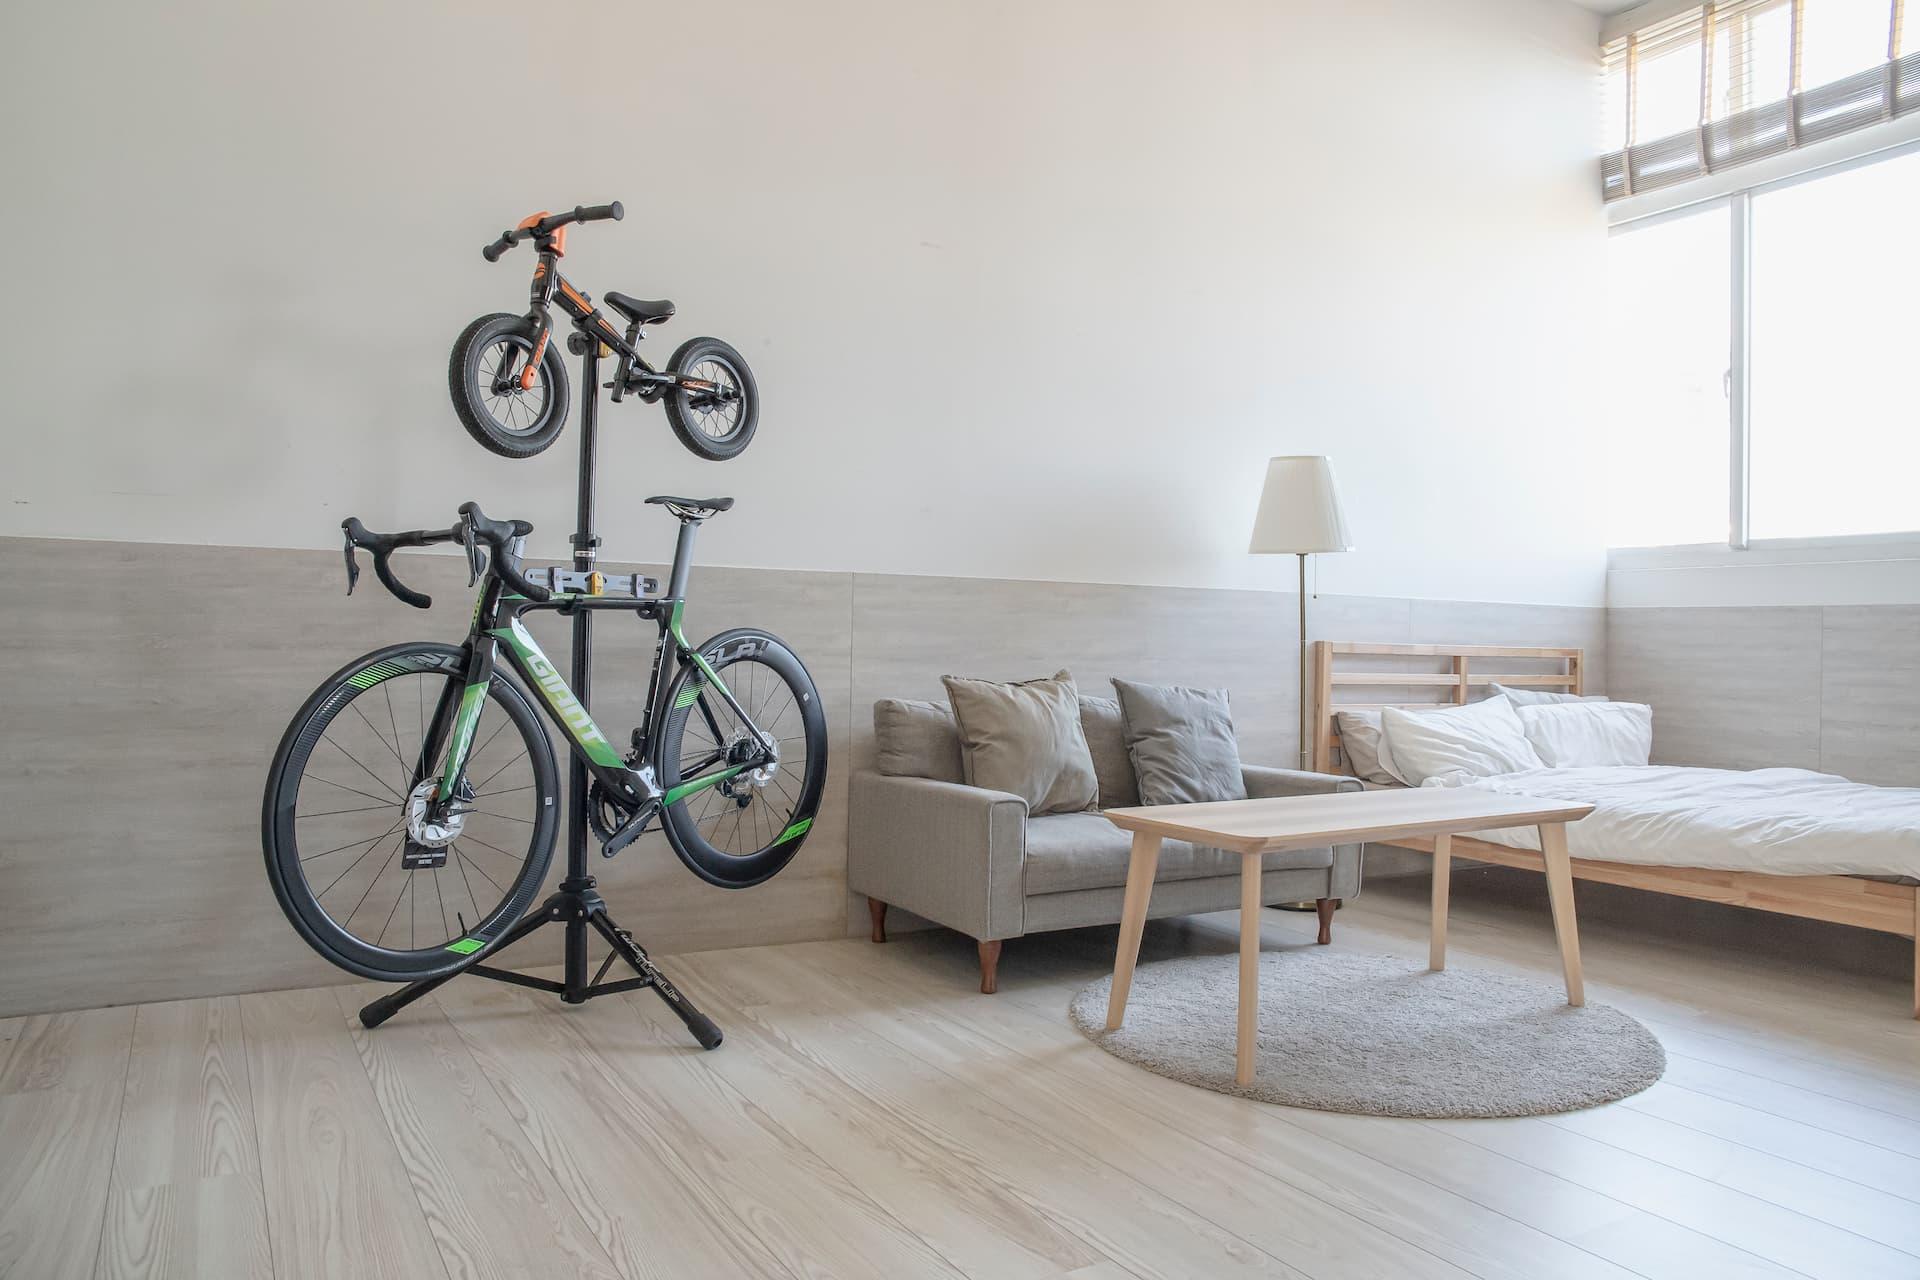 stojak serwisowy na dwa rowery jako ozdoba w salonie